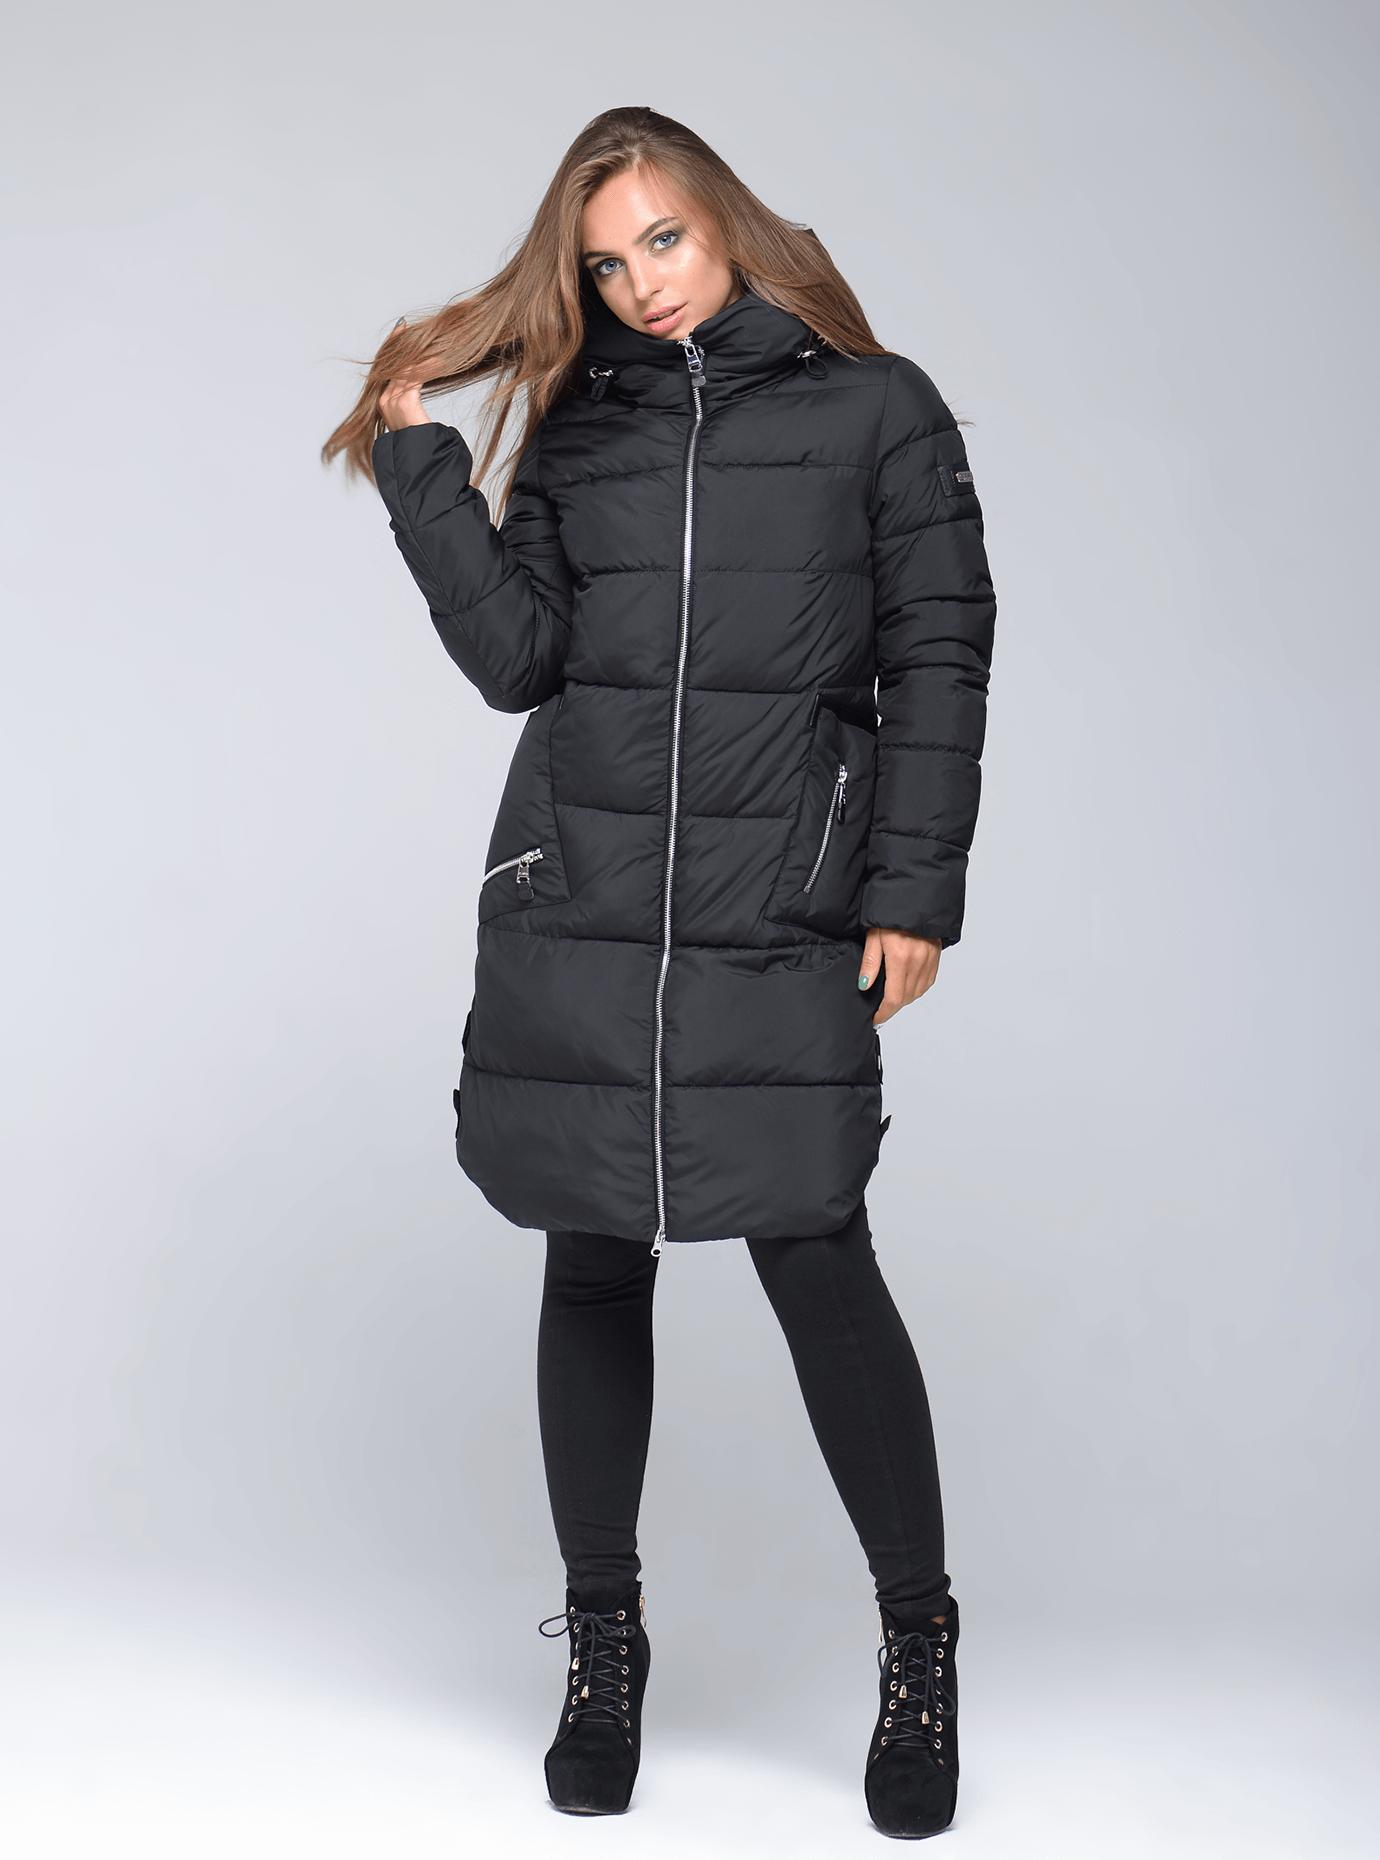 Куртка зимняя женская свободный фасон Чёрный S (02-CR170293): фото - Alster.ua